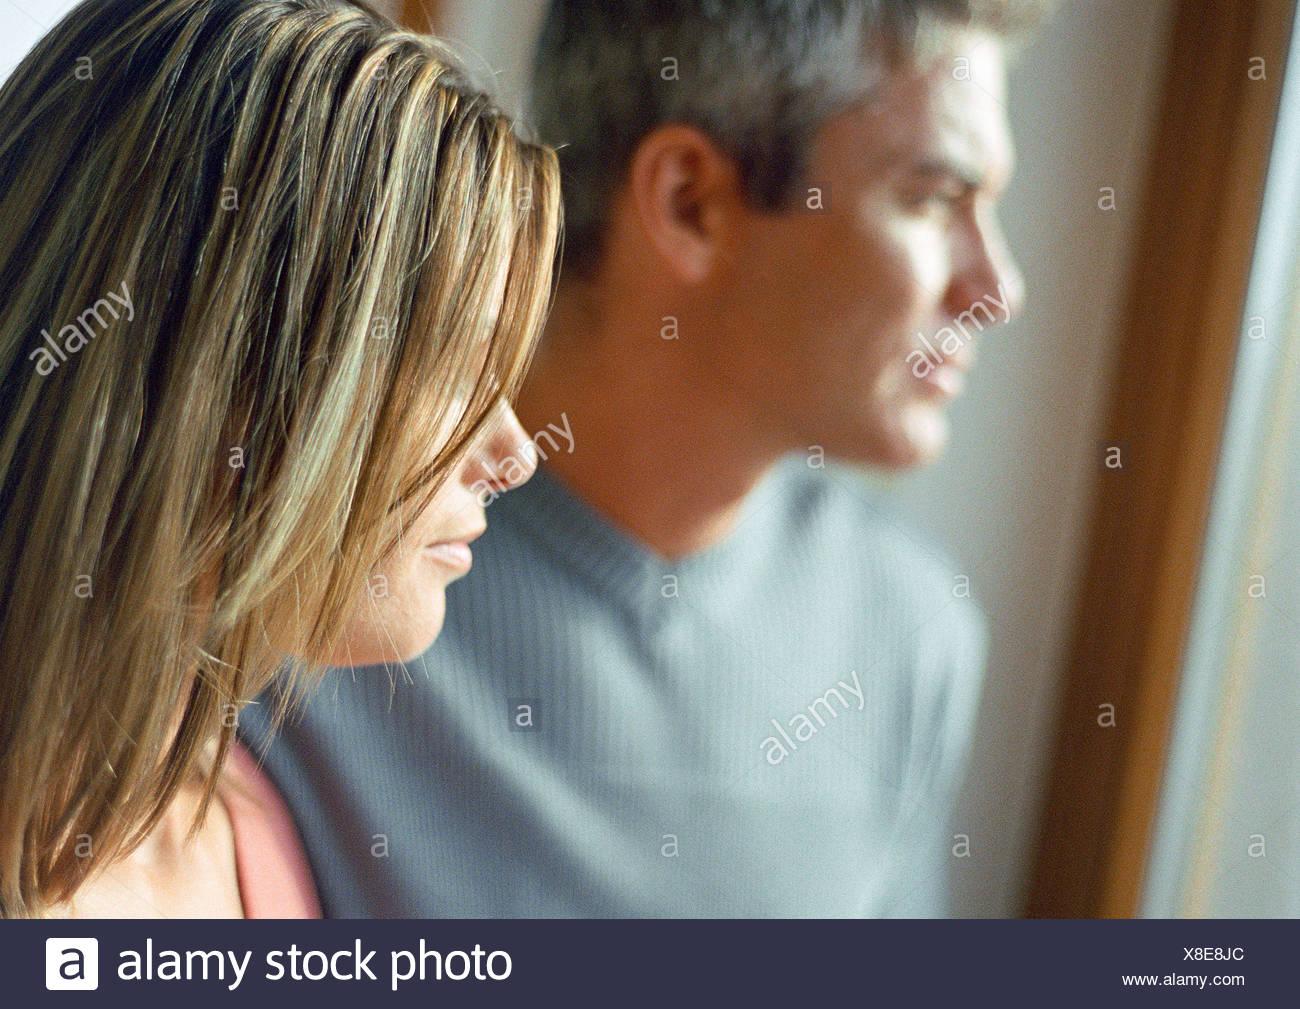 L'homme et de la femme, vue de côté, la tête et les épaules, la lumière naturelle sur les visages, close-up Banque D'Images